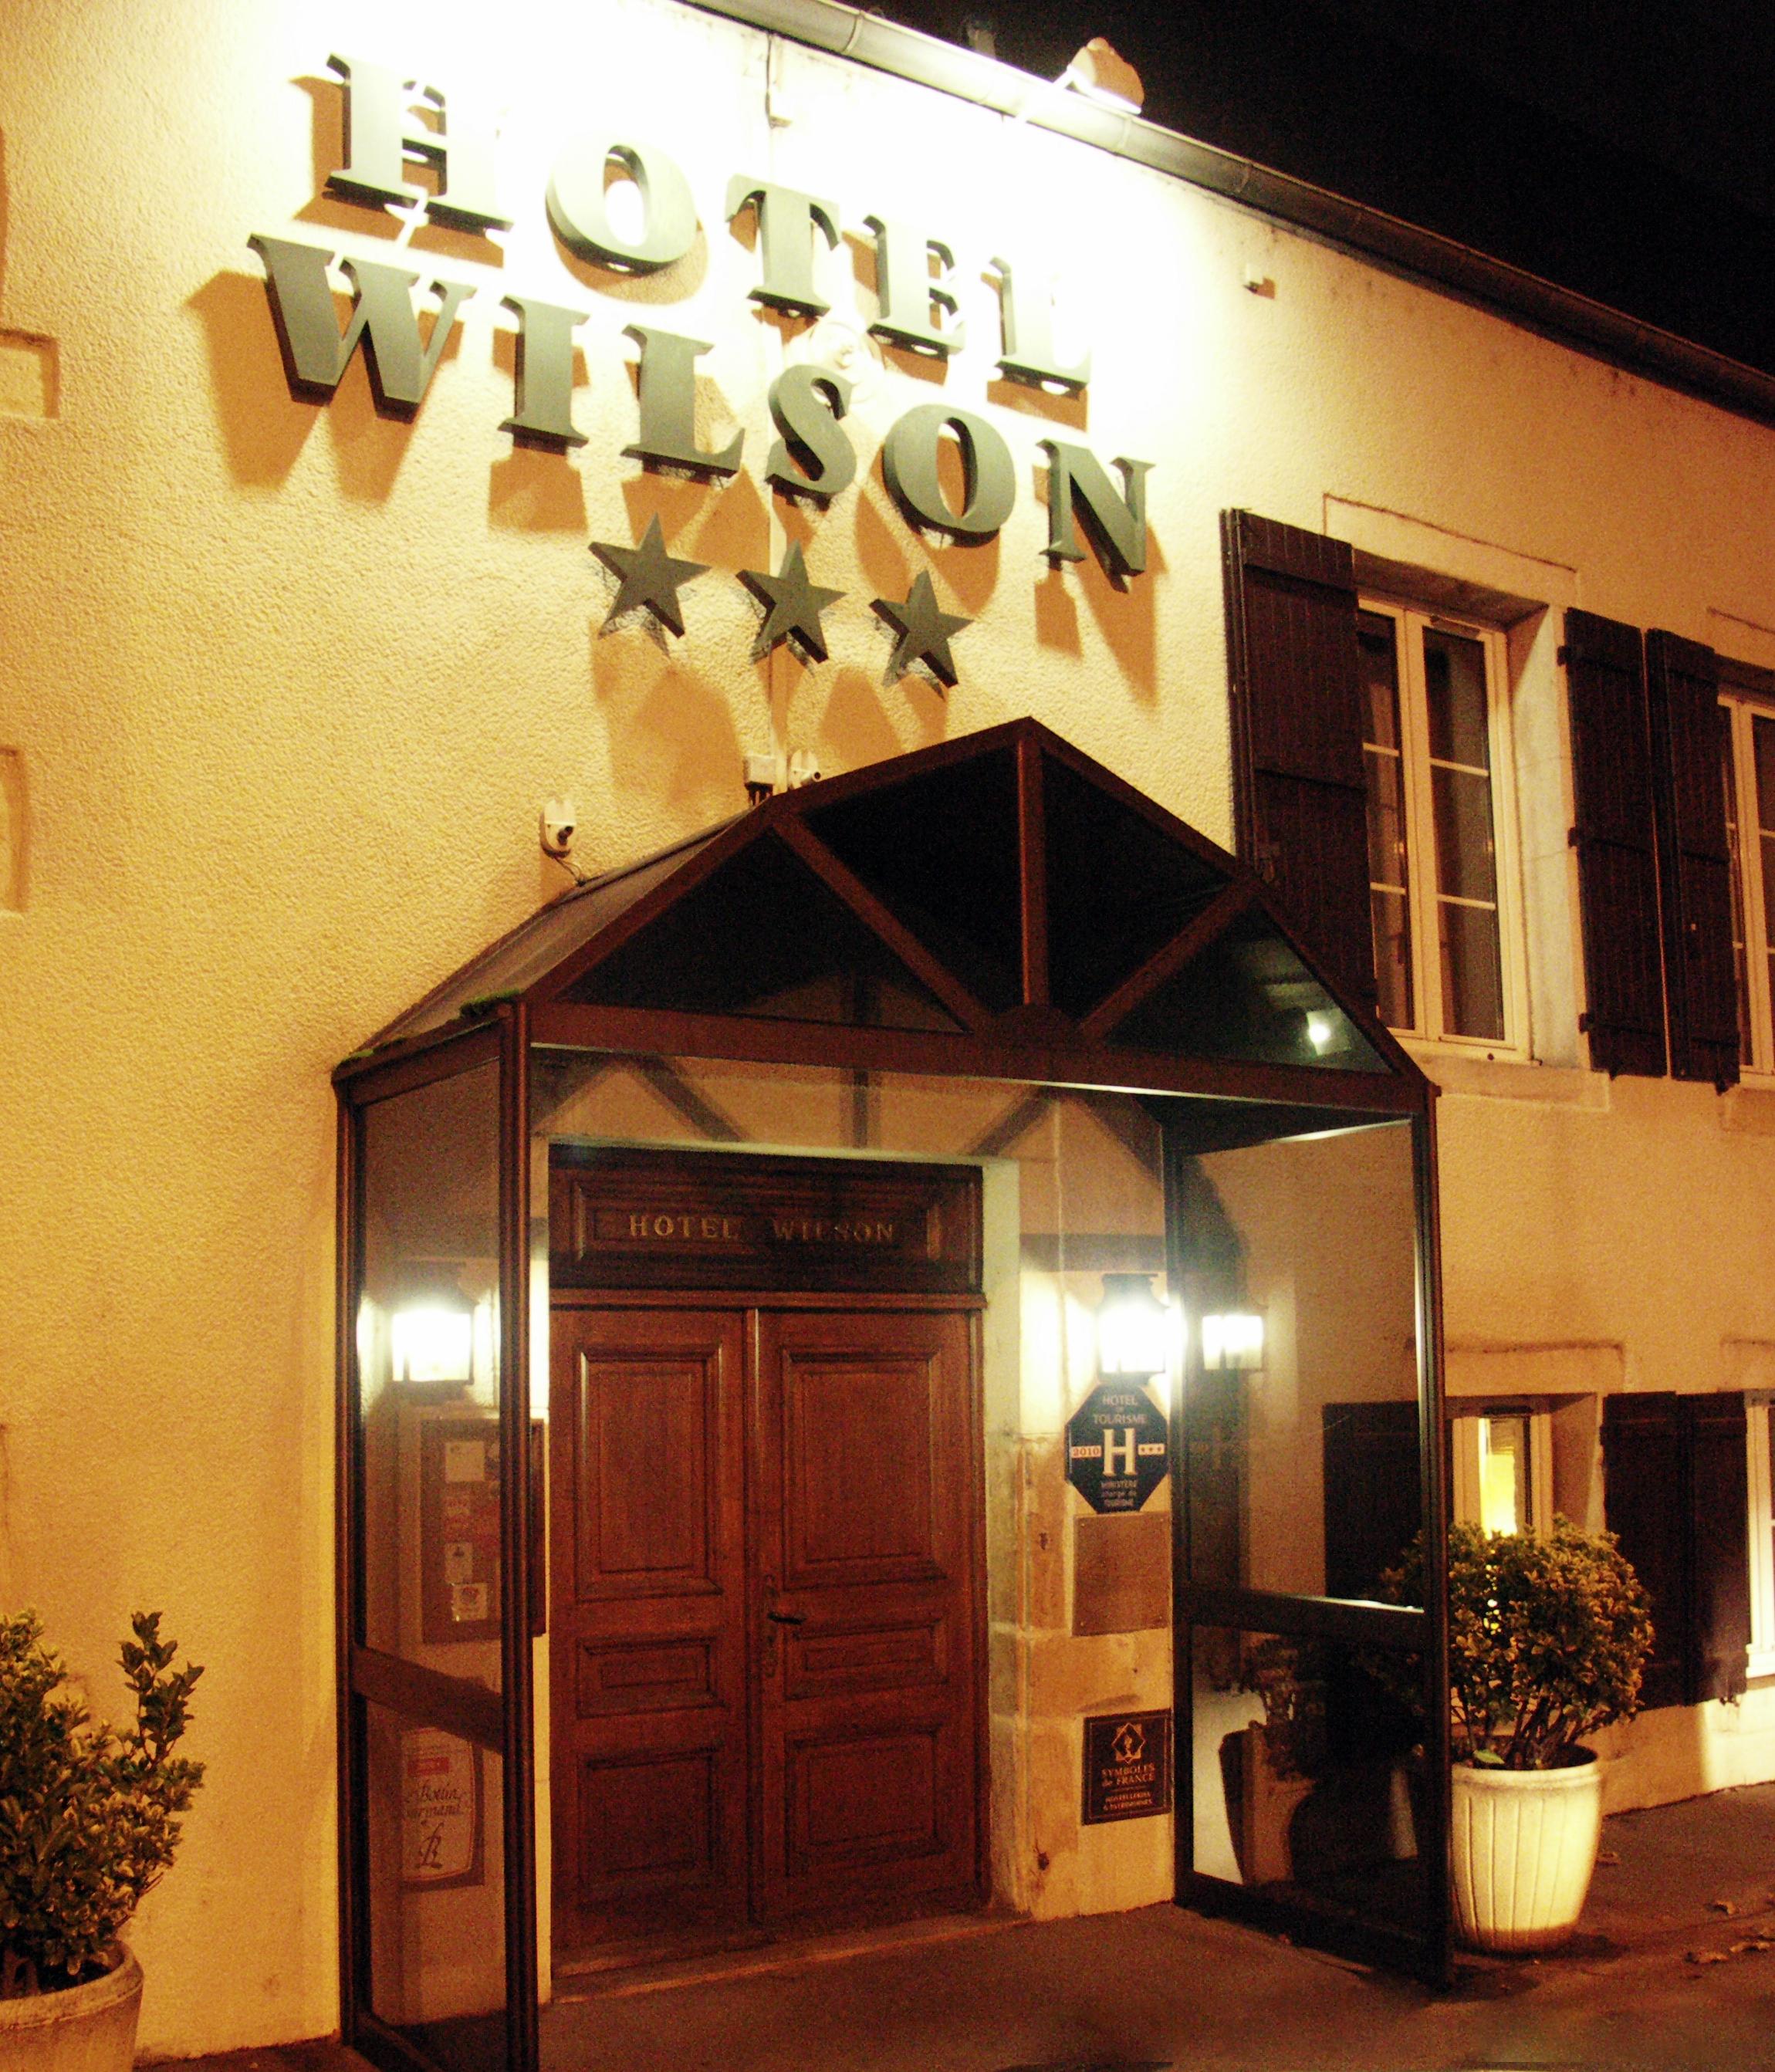 Entrée place Wilson